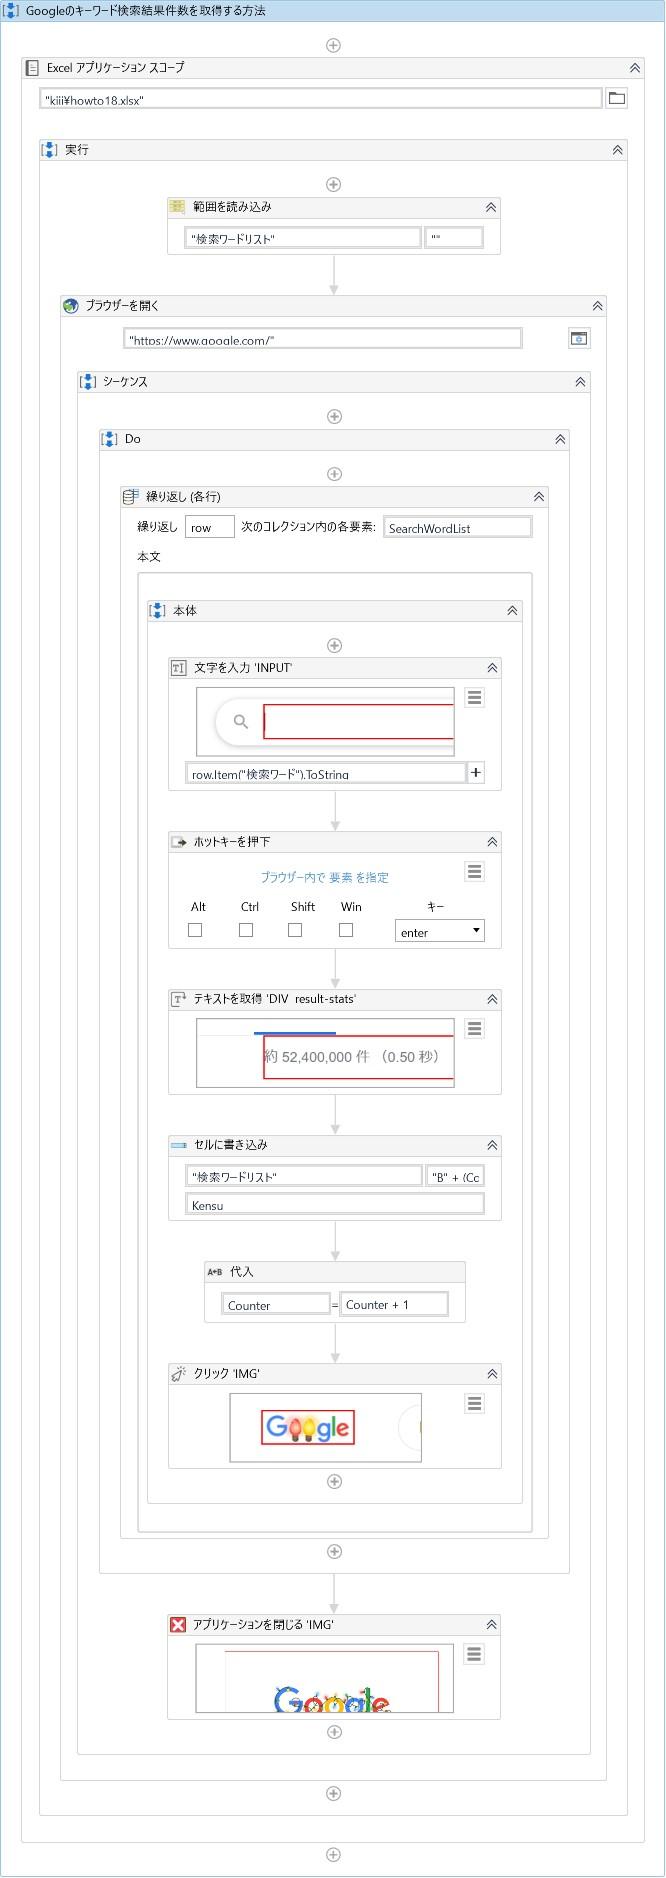 Googleのキーワード検索結果件数を取得する方法ワークフロー